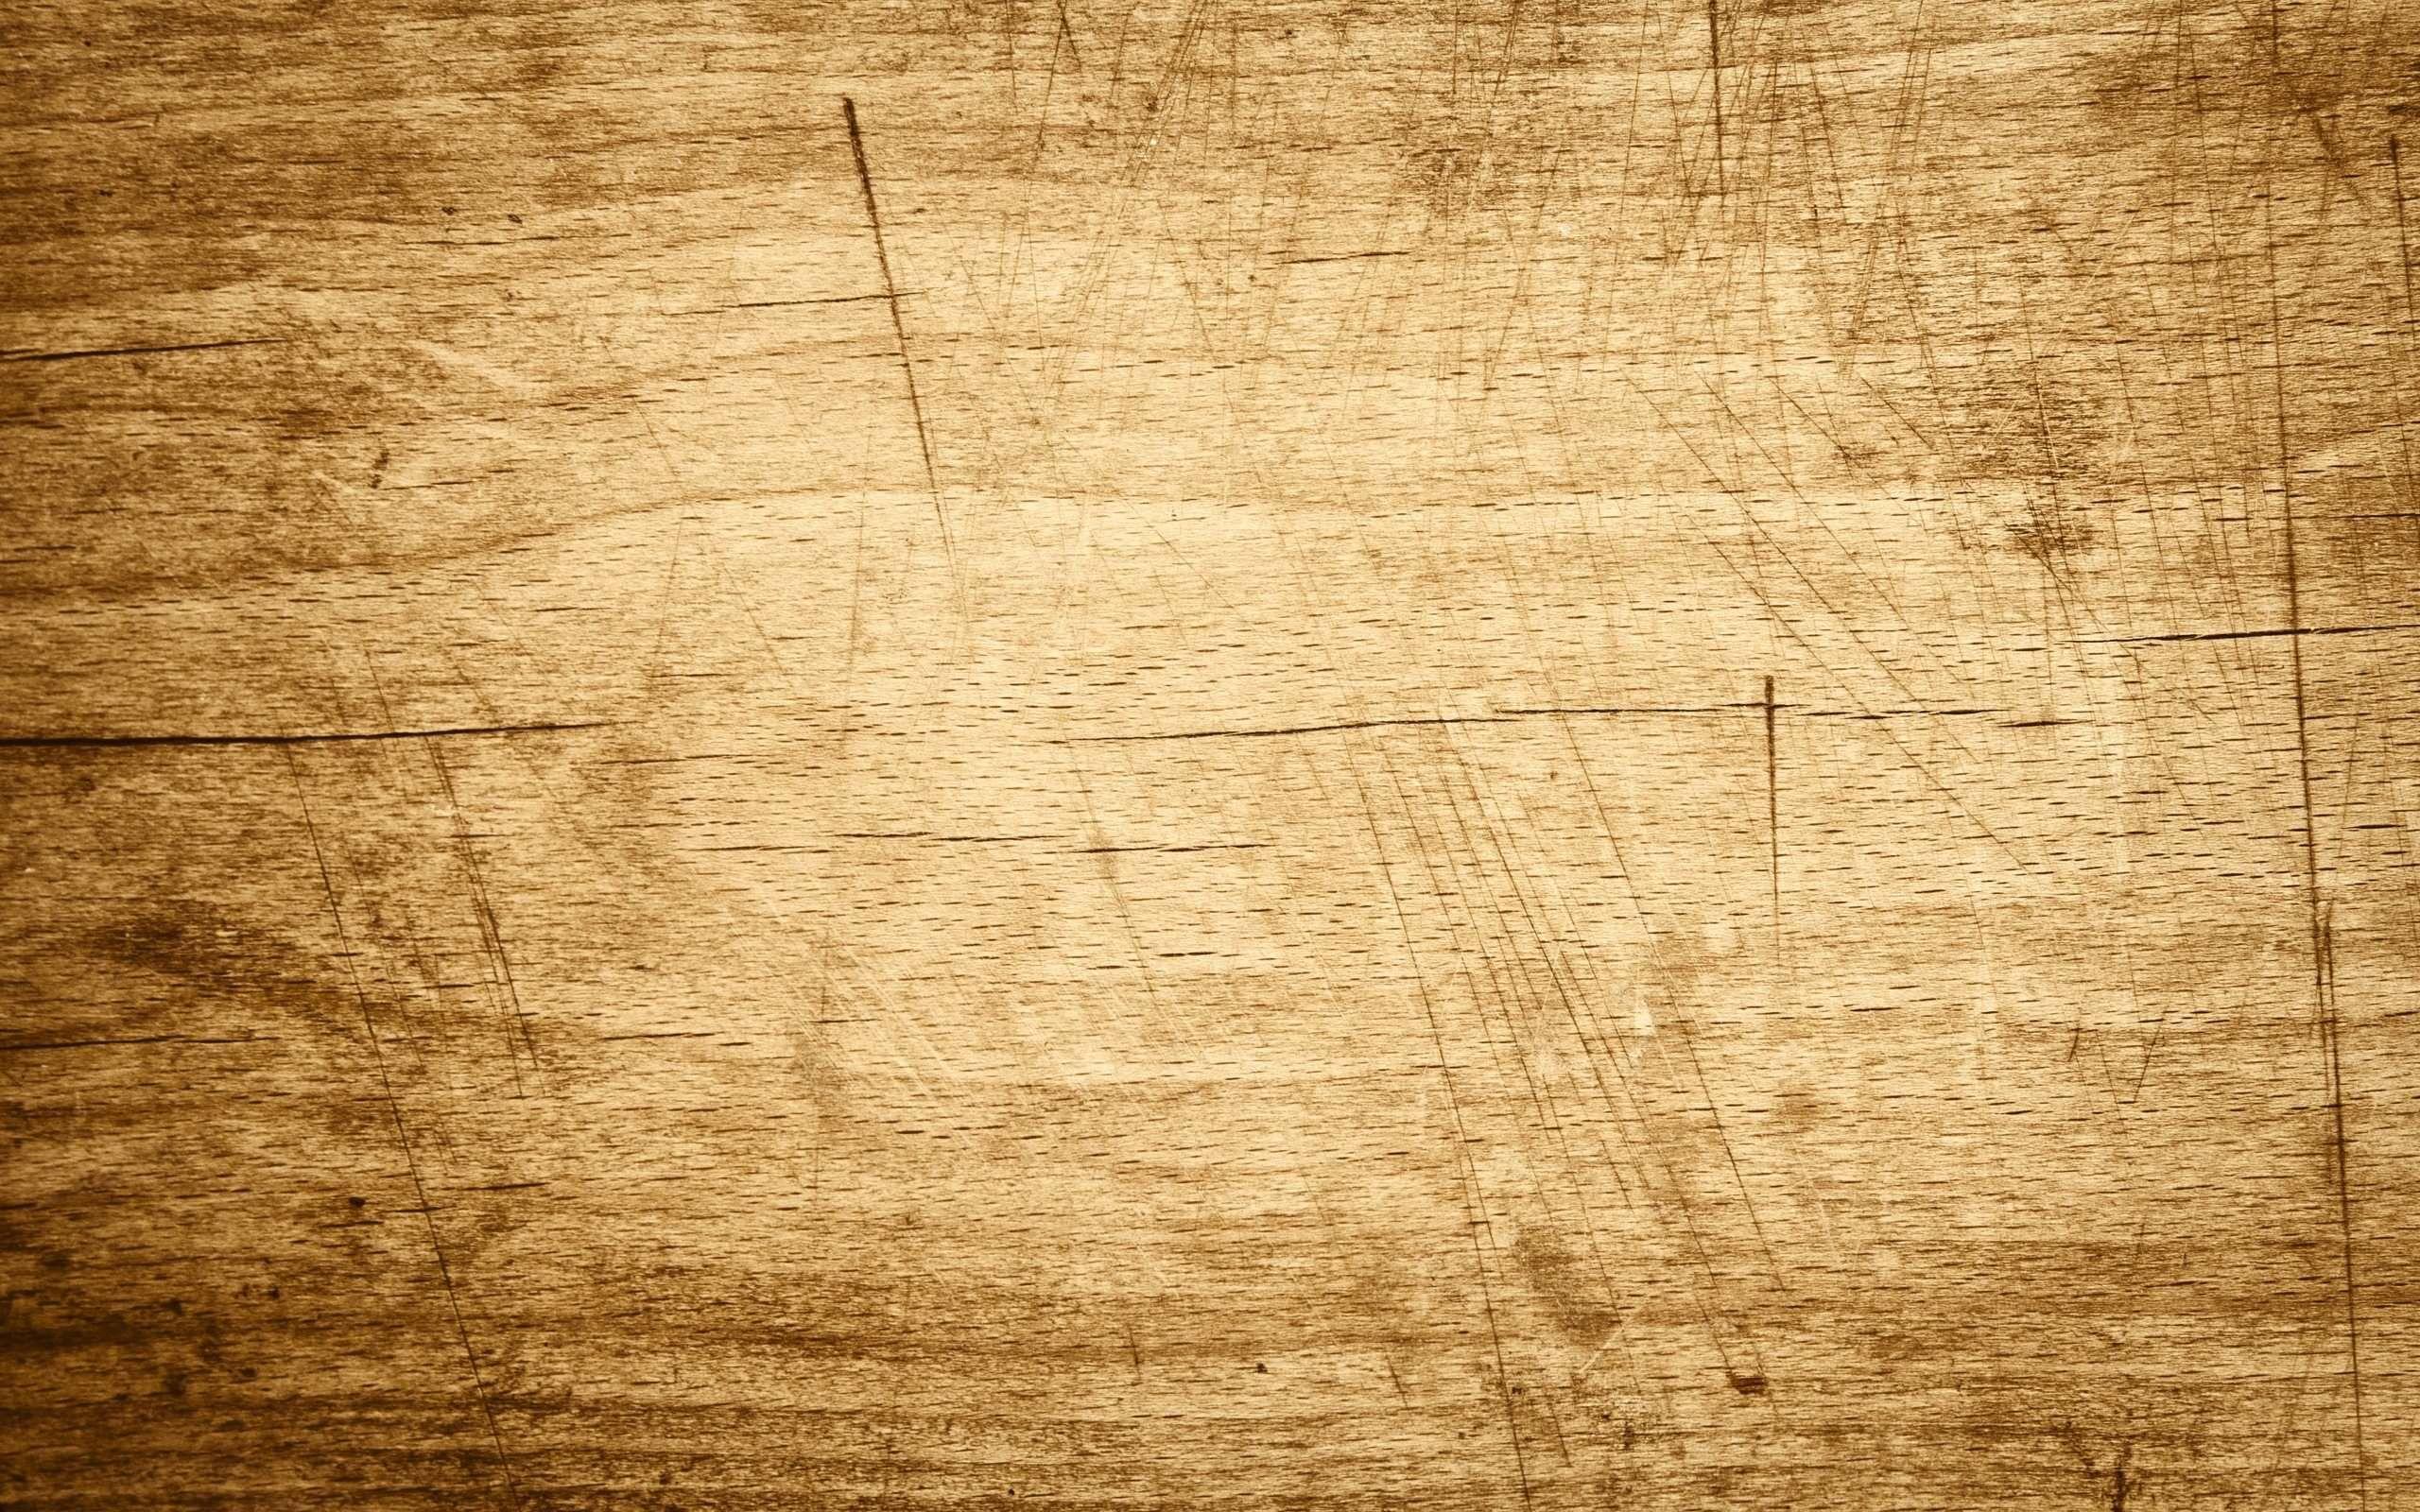 40 Stunning Wood Backgrounds TrickVilla Light wood wallpaper 2560x1600